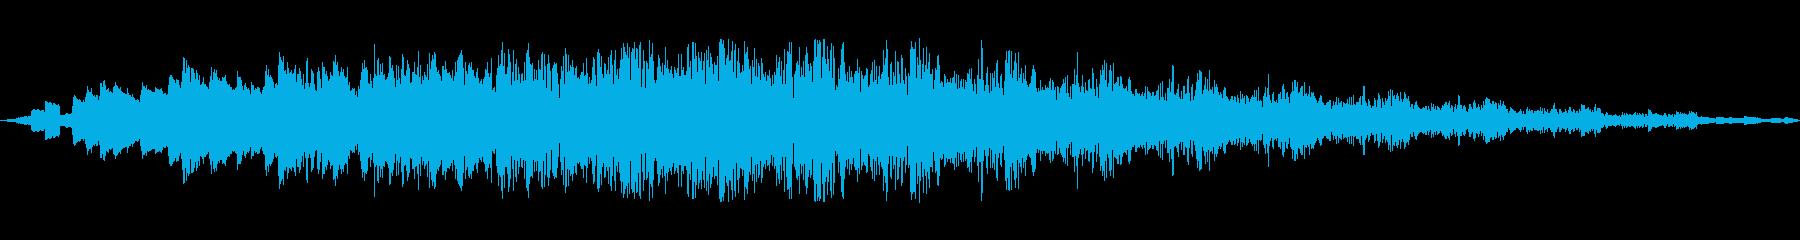 マジックレーザーの再生済みの波形